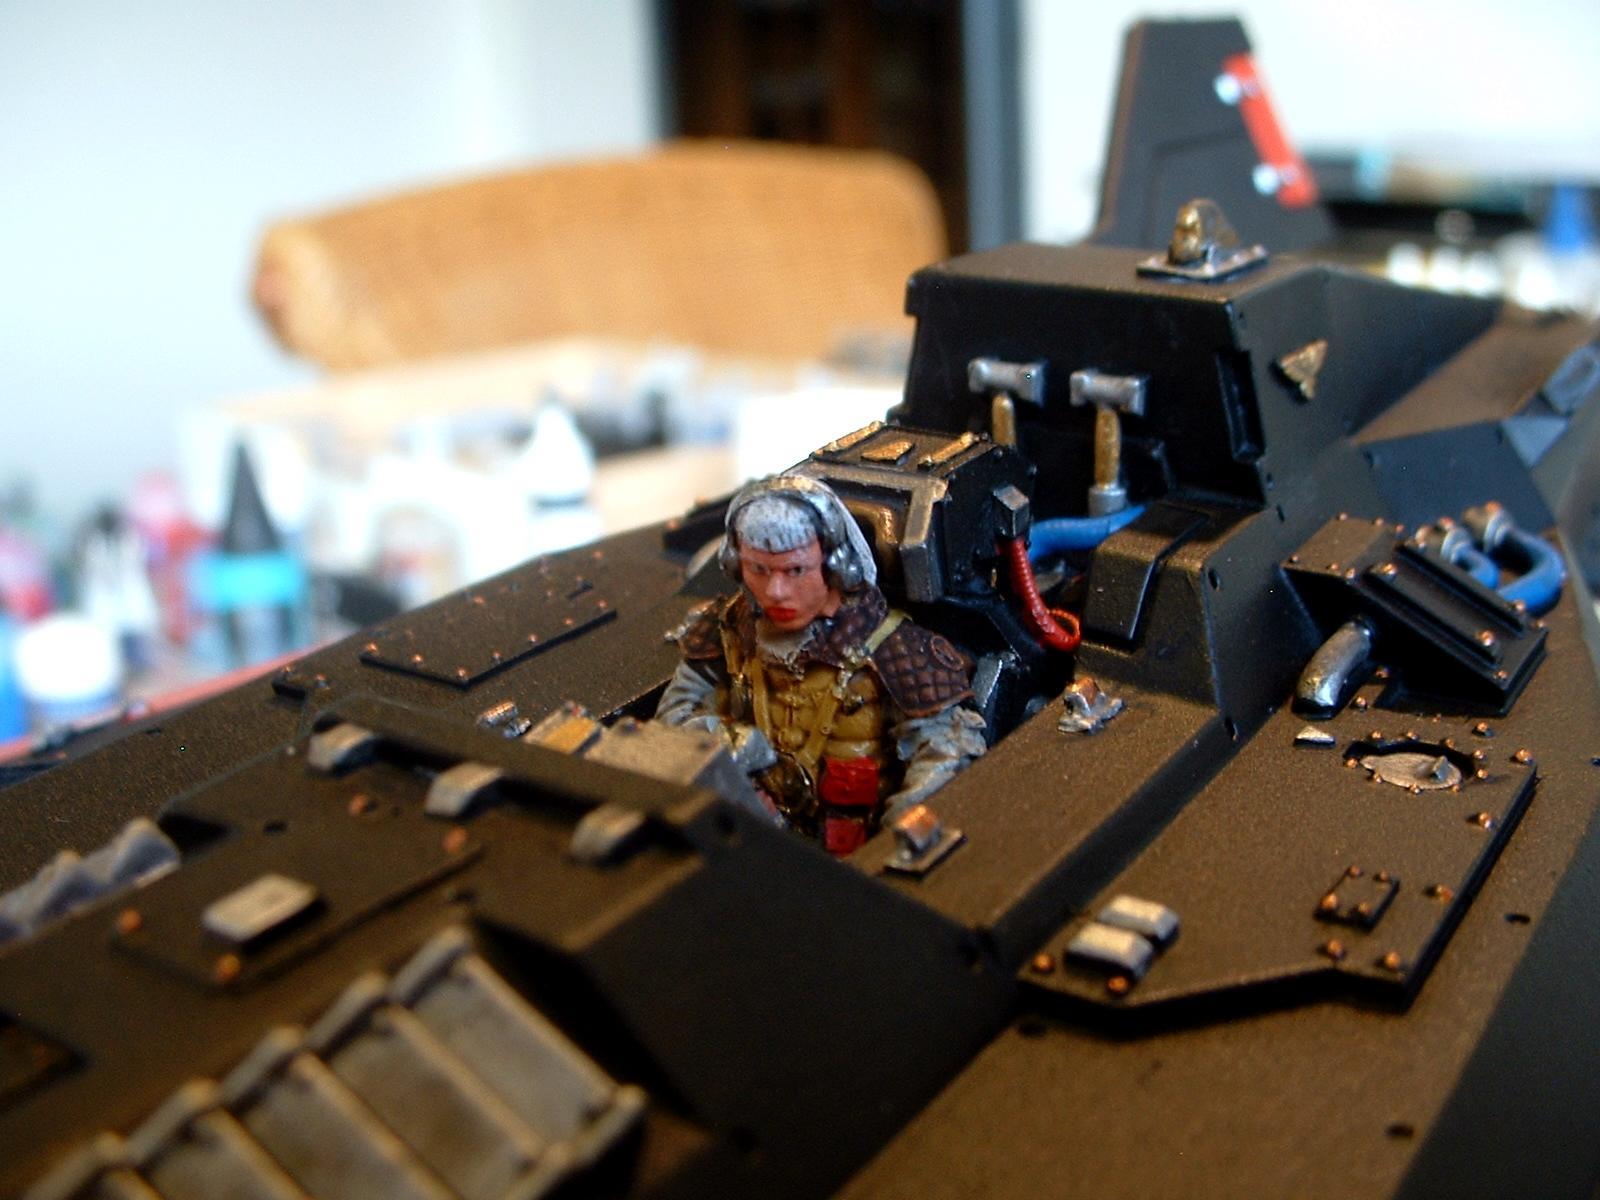 Adepta Sororitas, Avenger Strike Fighter, Closeup, Flyer, Forge World, Pilot, Sisters Of Battle, Voss Pattern Lightning